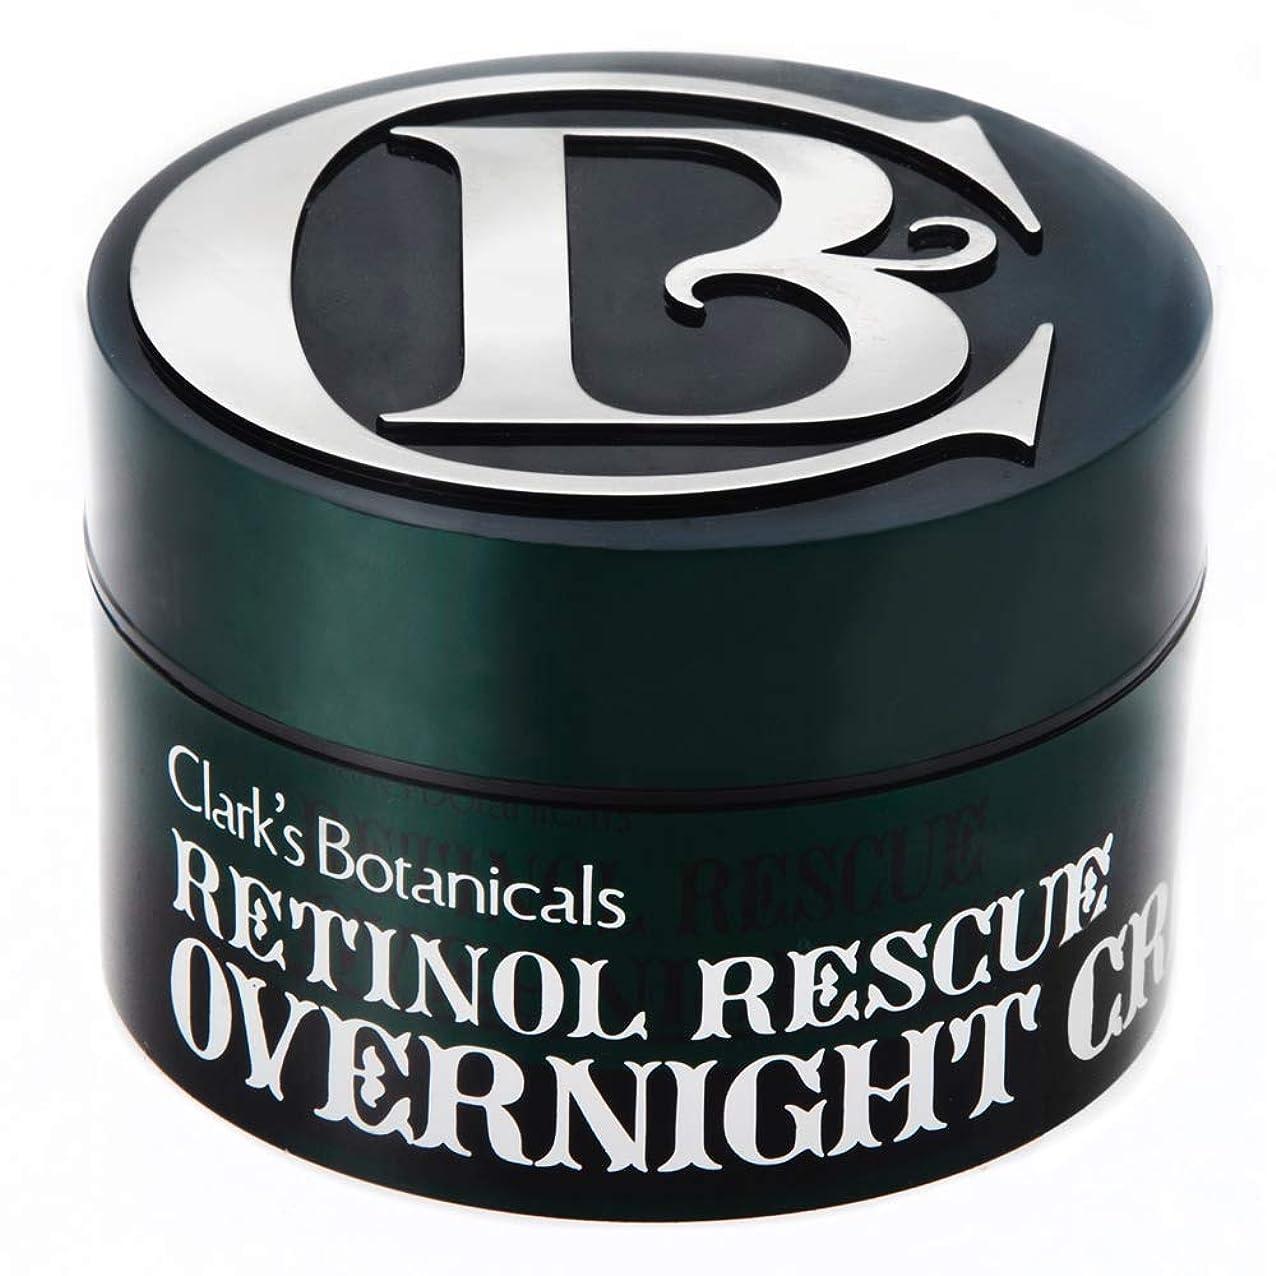 発掘する形容詞取り替えるClark's Botanicals Retinol Rescue Overnight Cream (1.7 Oz./ 50ml)